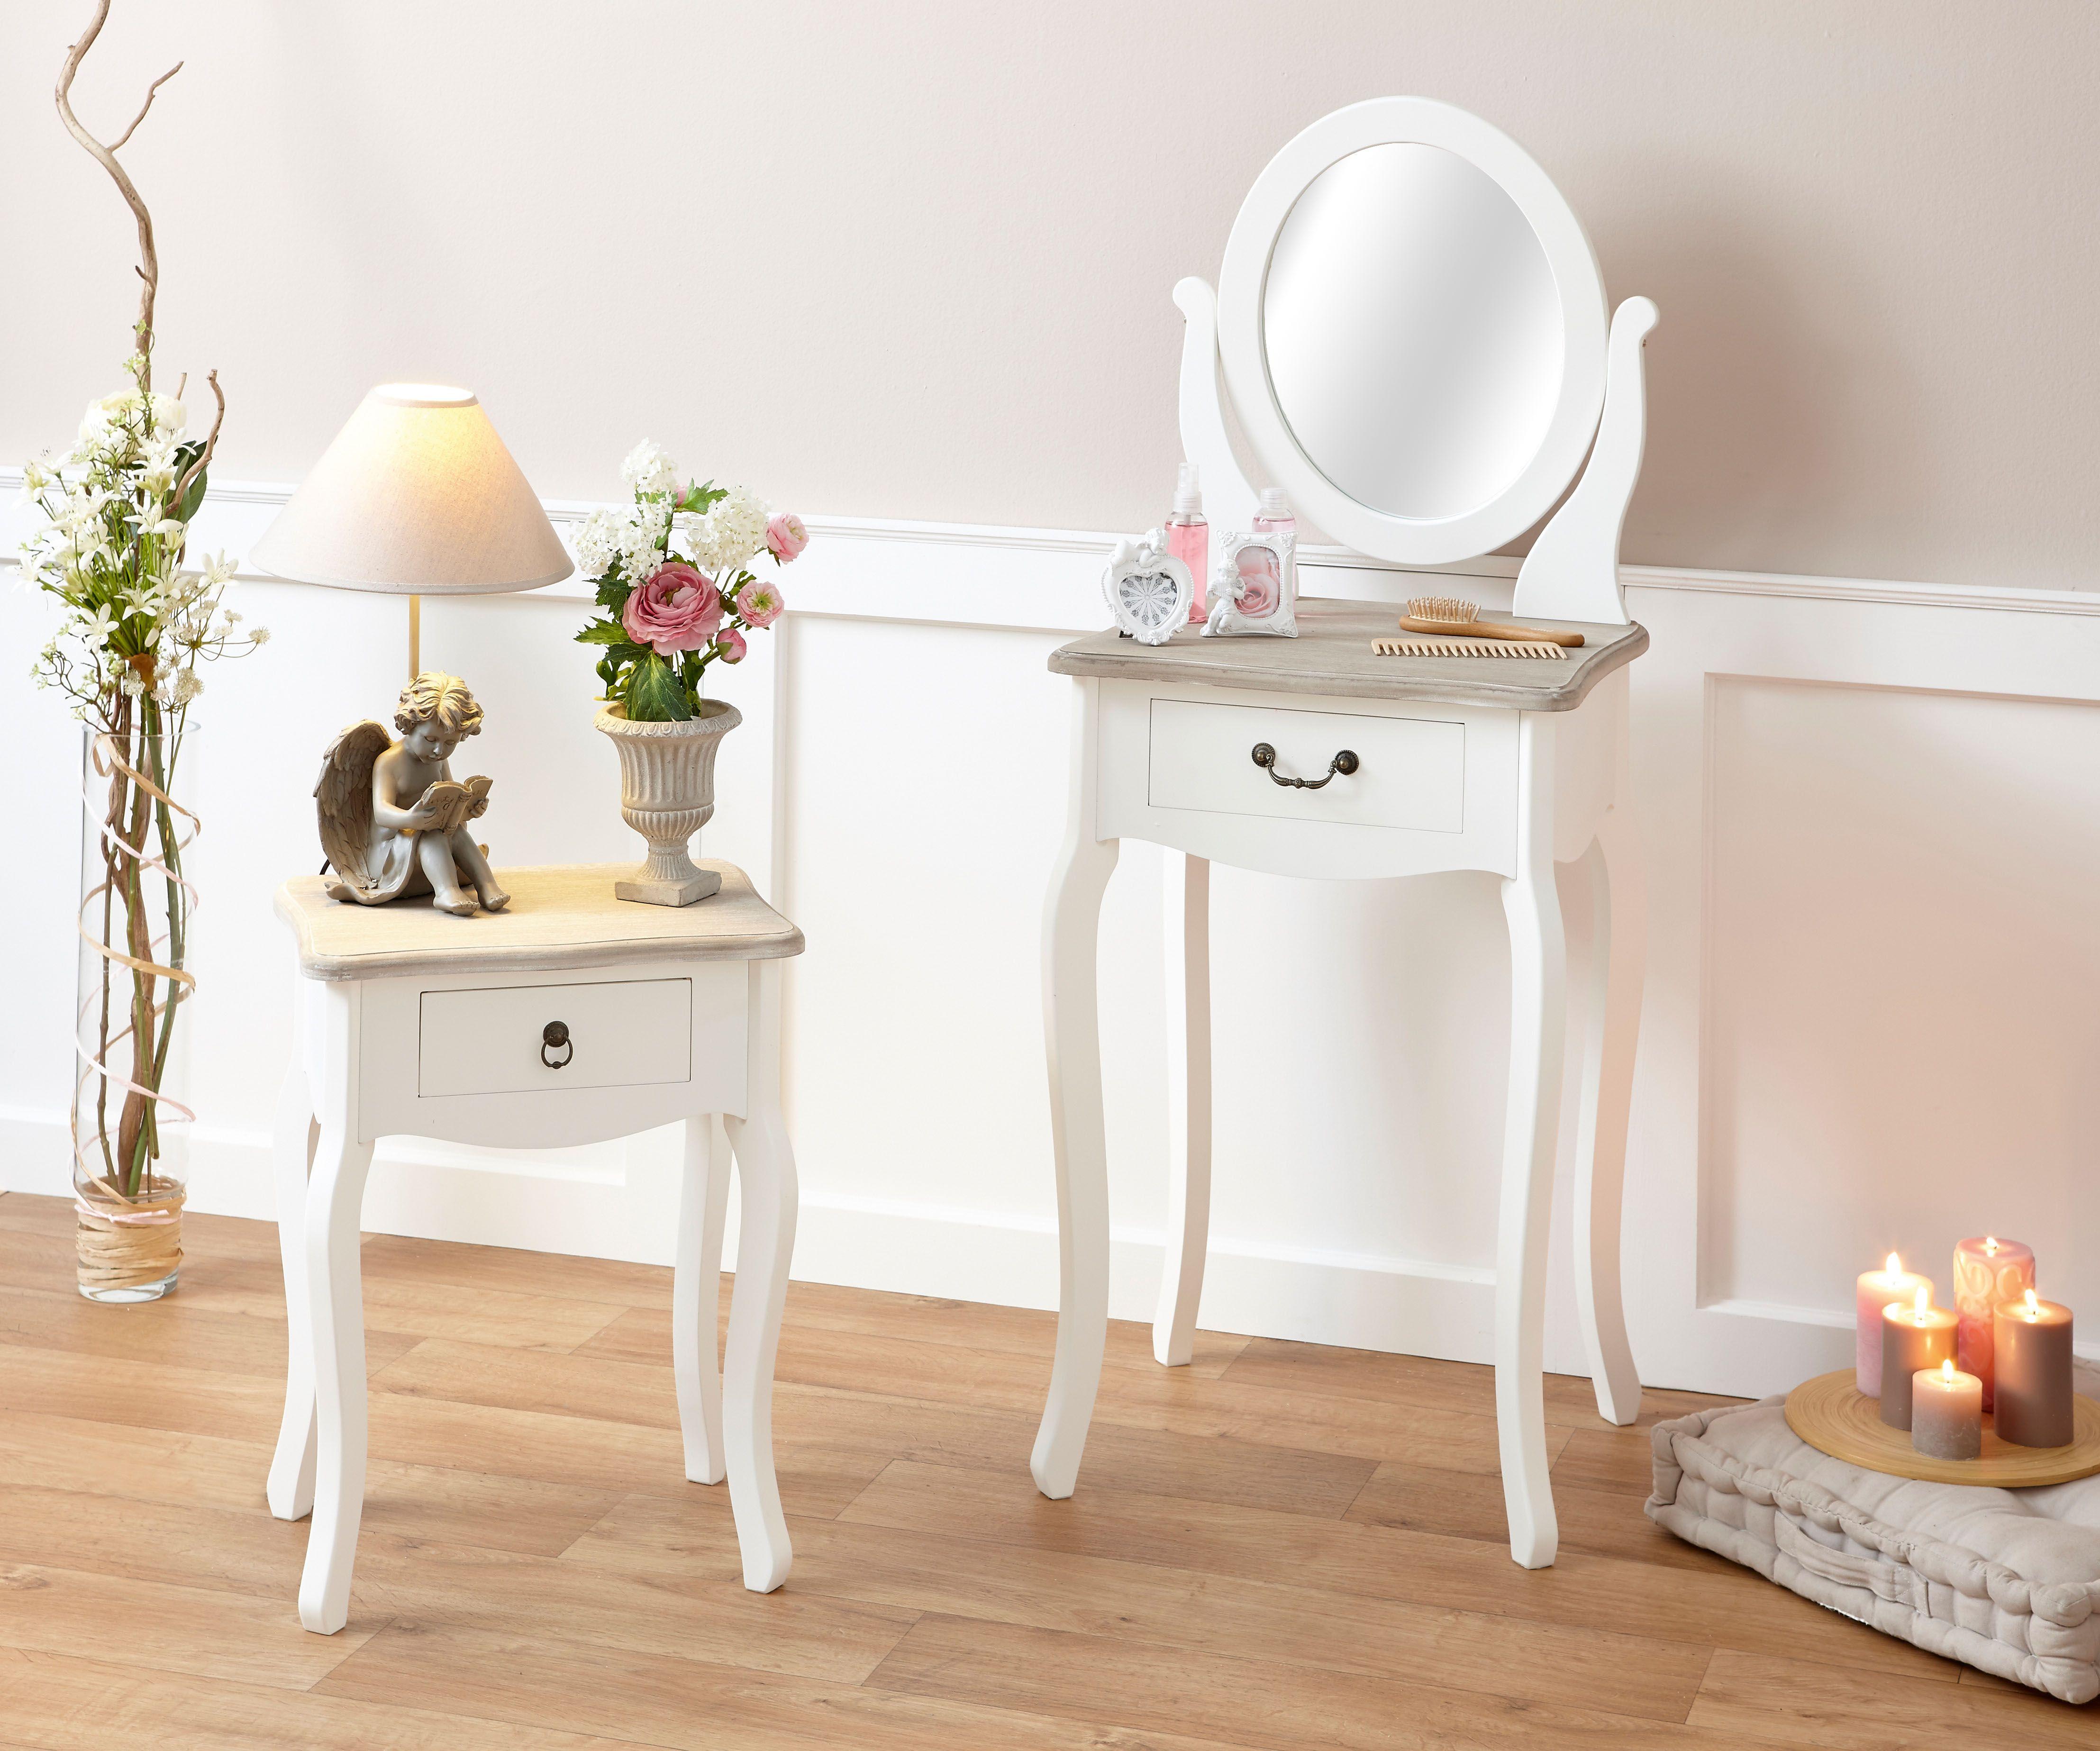 le chevet la coiffeuse la lampe ange le vase le cadre. Black Bedroom Furniture Sets. Home Design Ideas